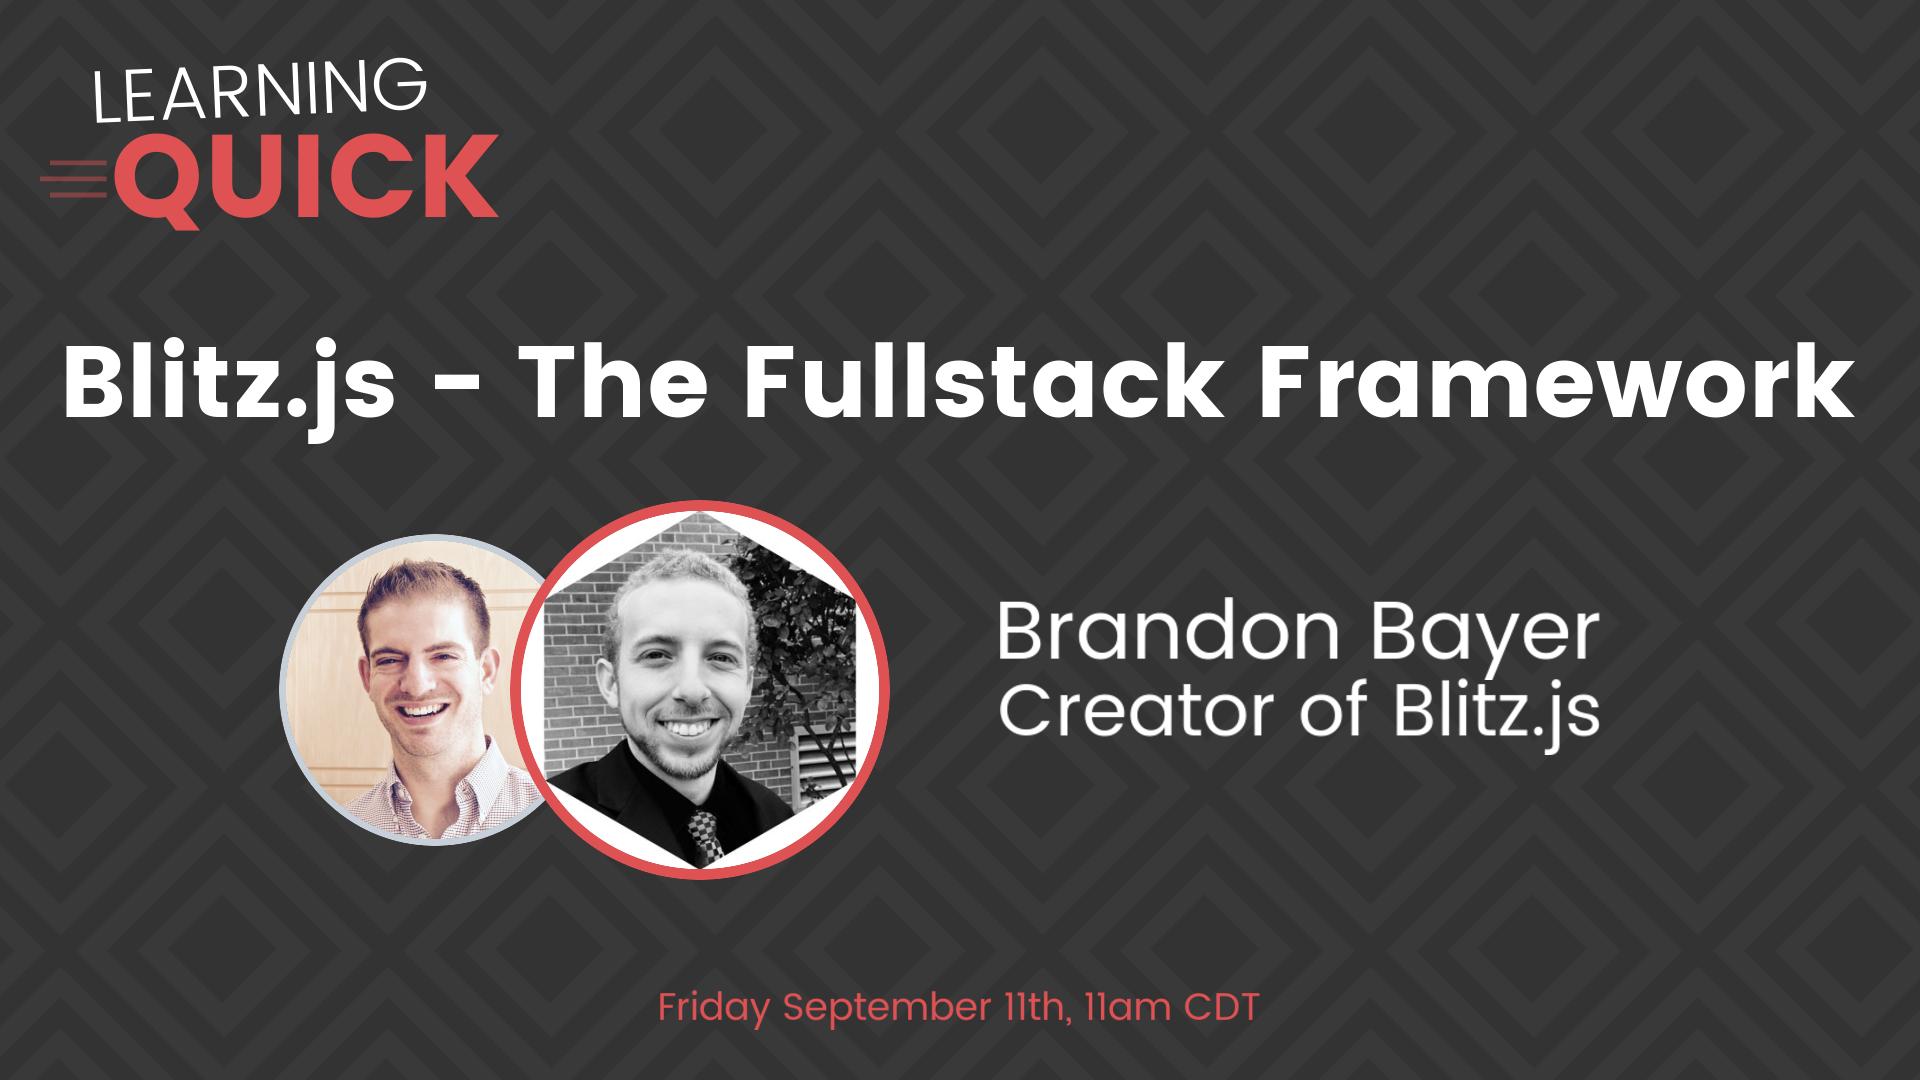 Blitz.js The Fullstack Framework with Brandon Bayer